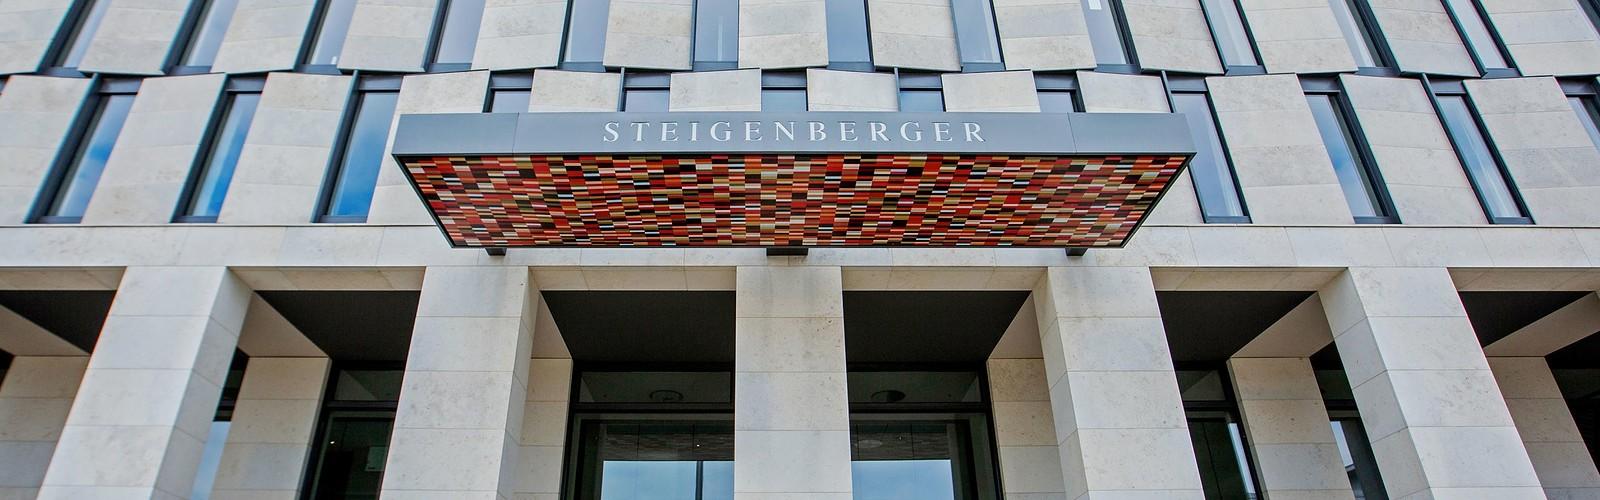 Foto: Steigenberger Hotels AG